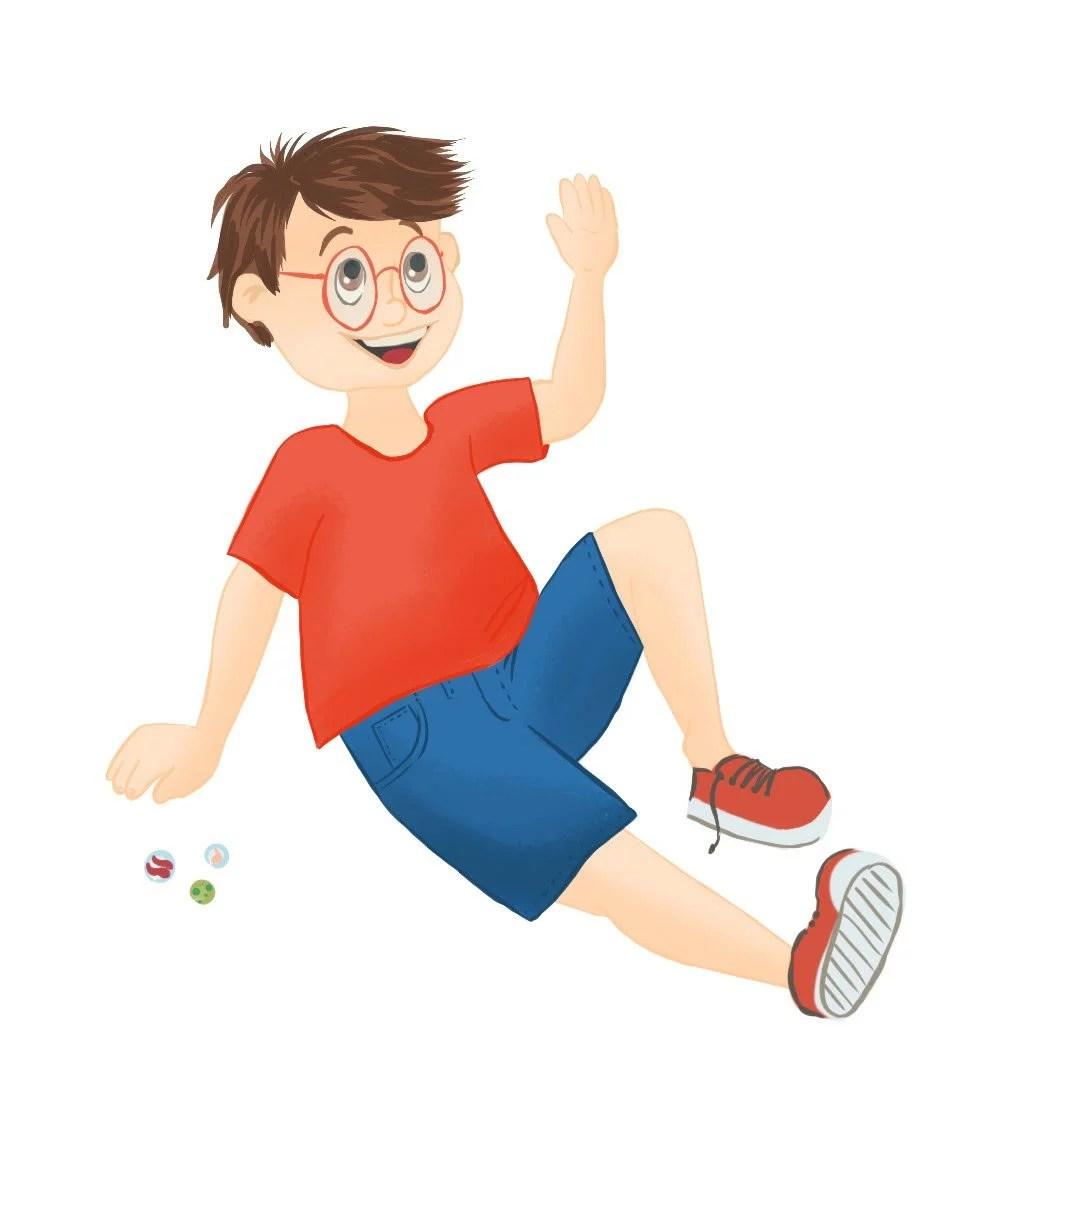 garçon jouant aux billes